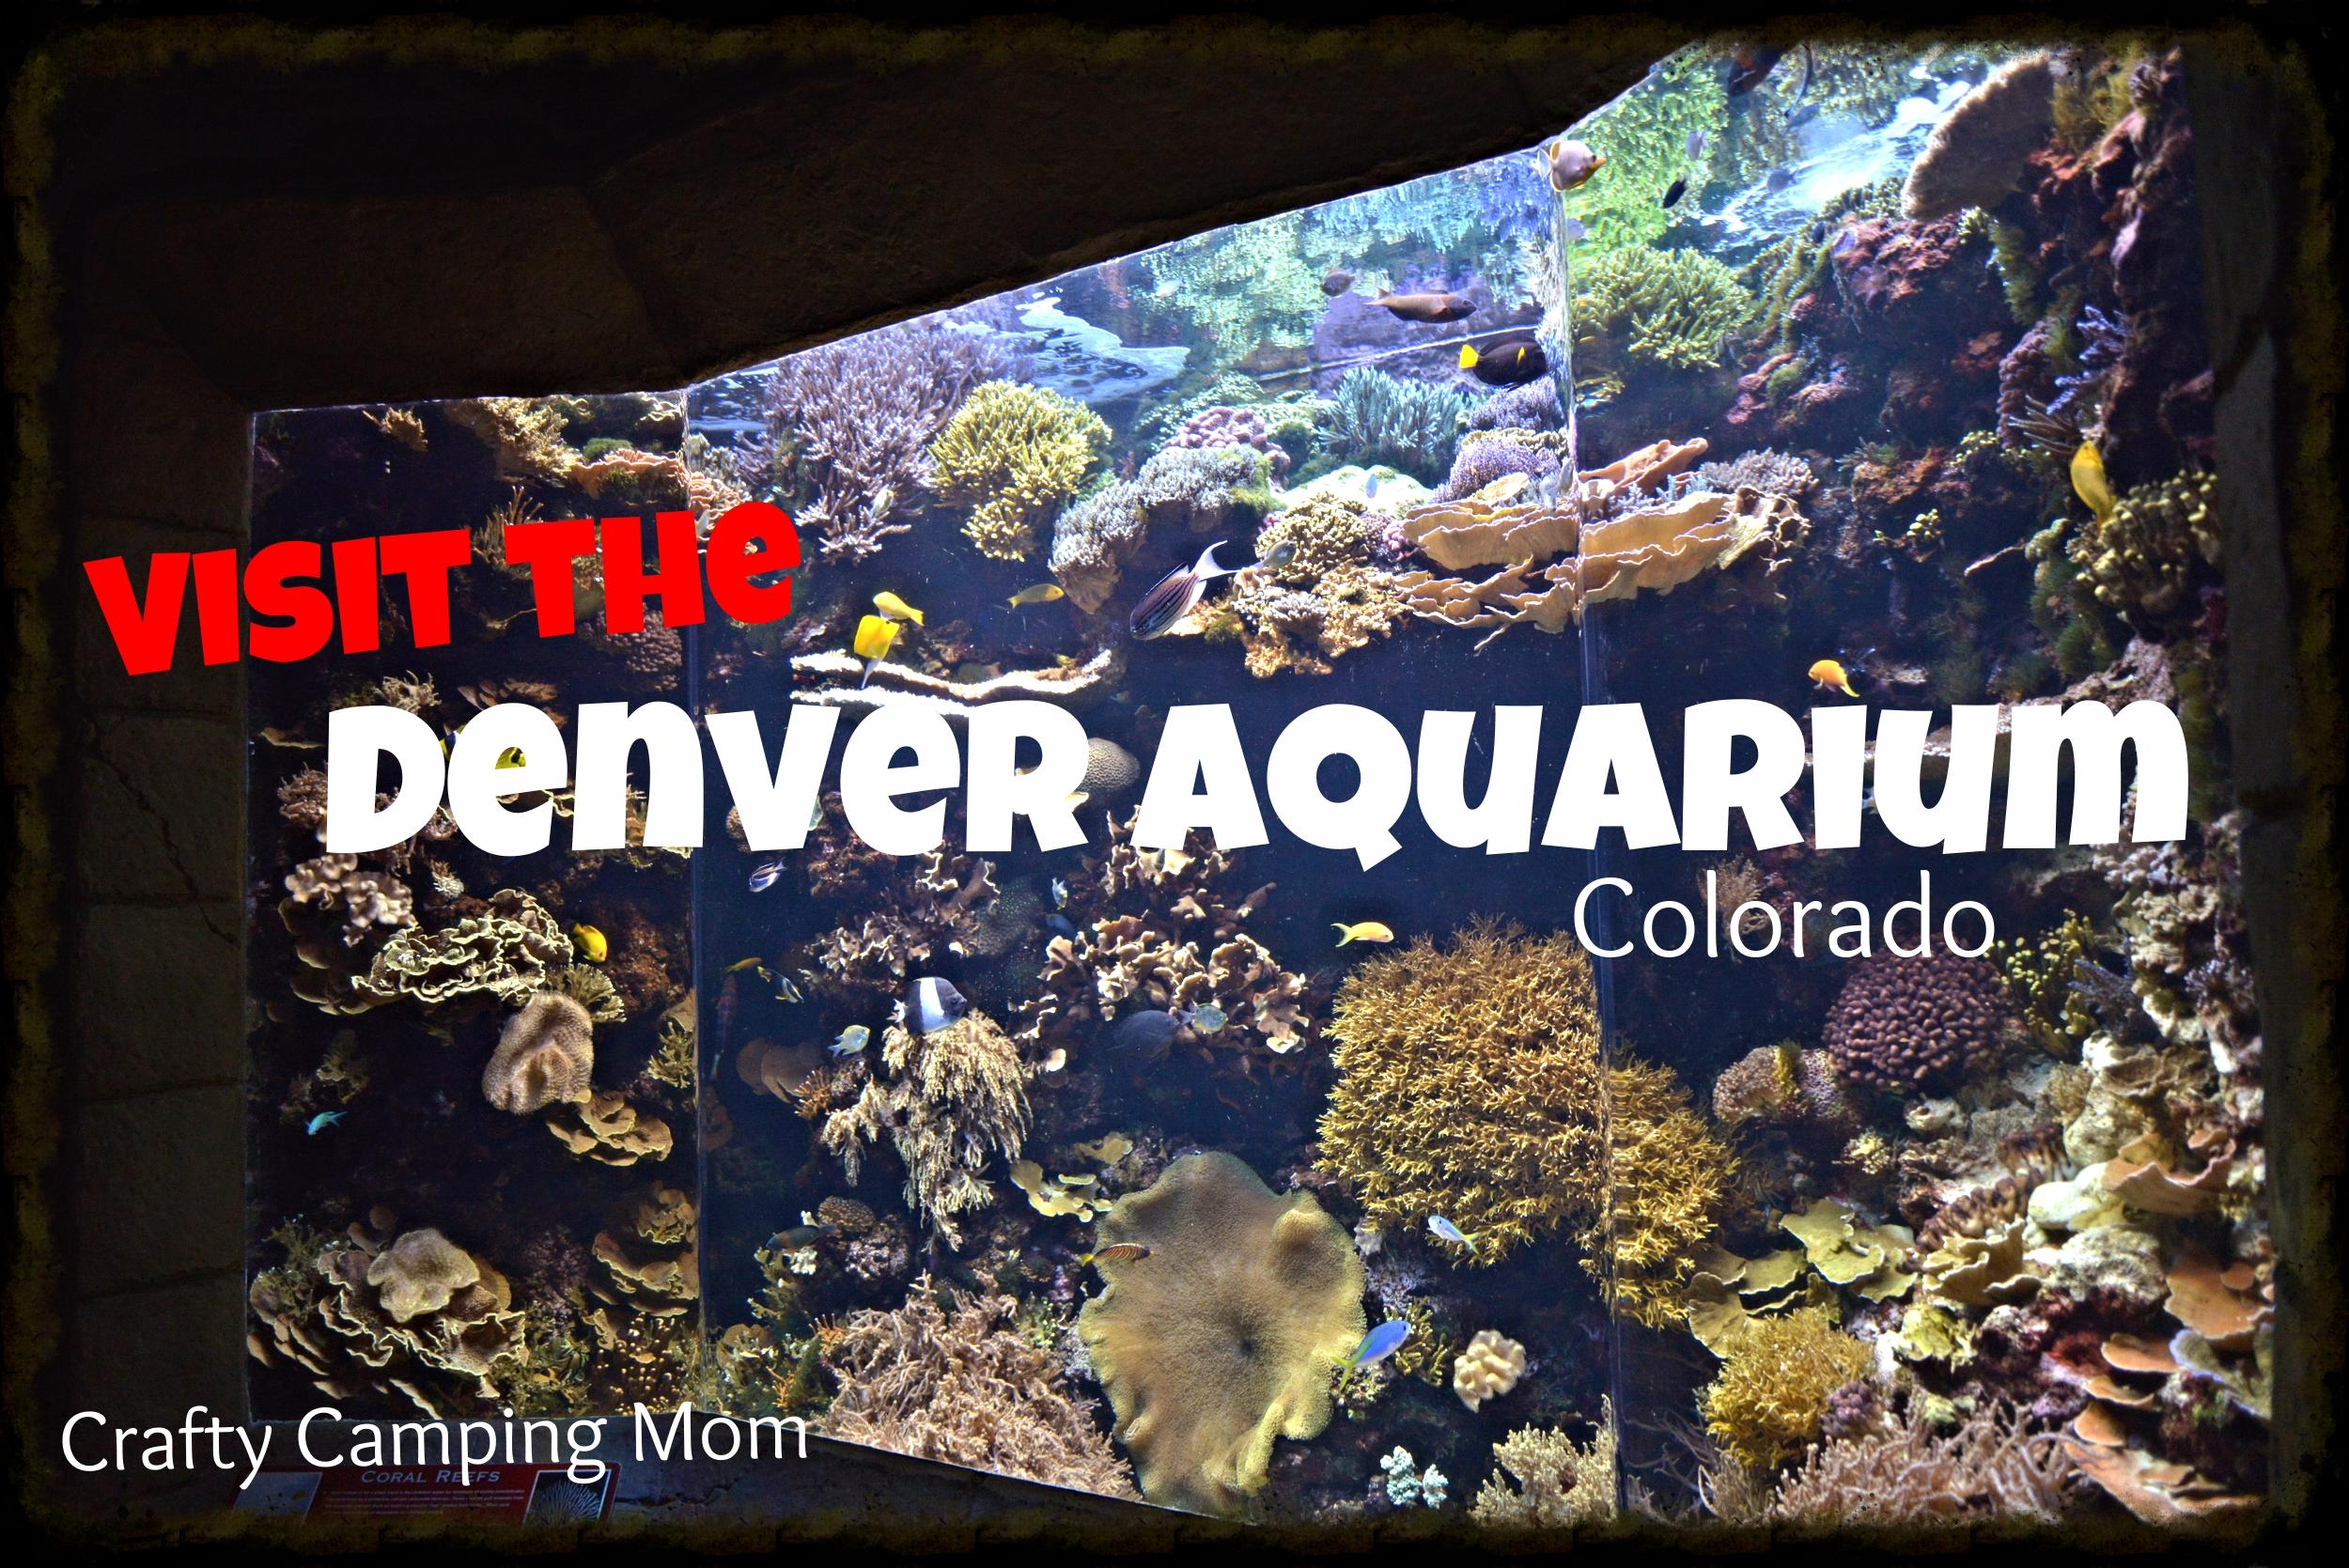 Denver Aquarium Tank